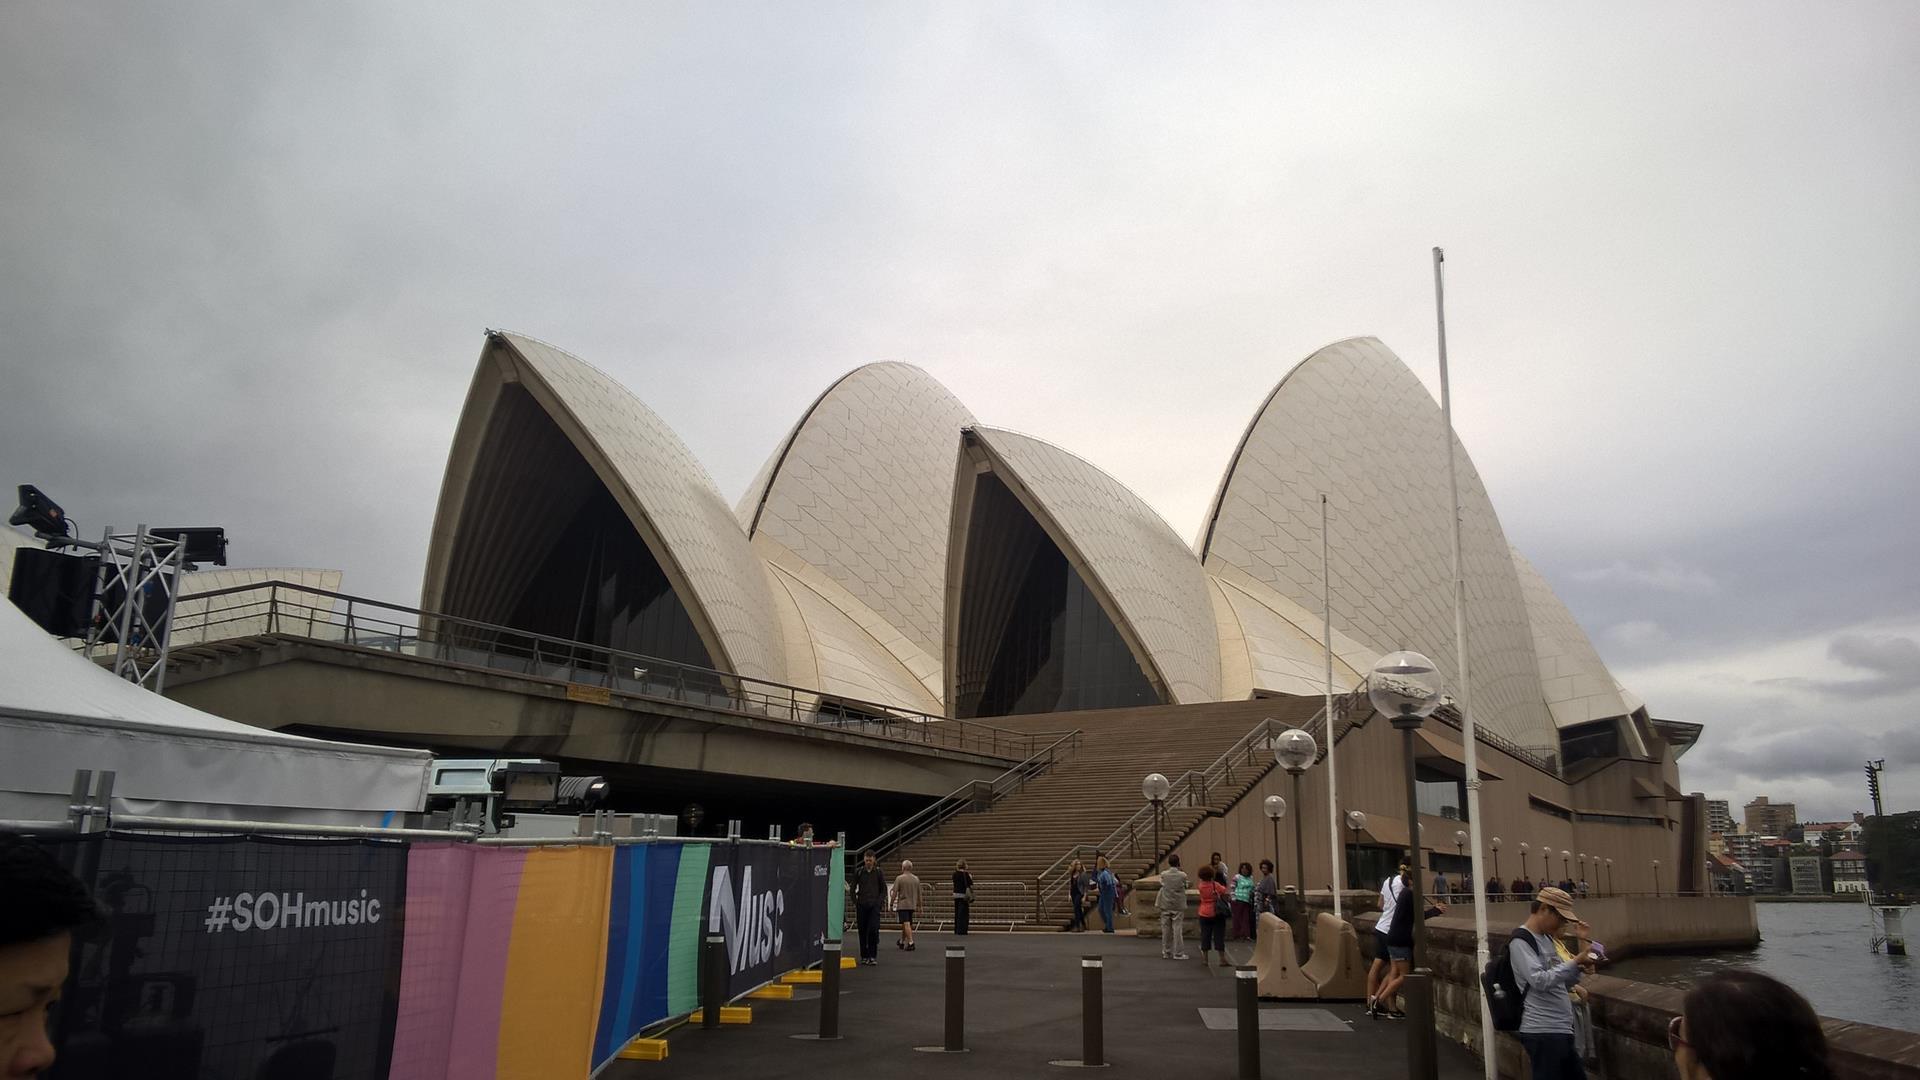 Das Opernhaus von Sydney in dem keine Opern aufgeführt werden